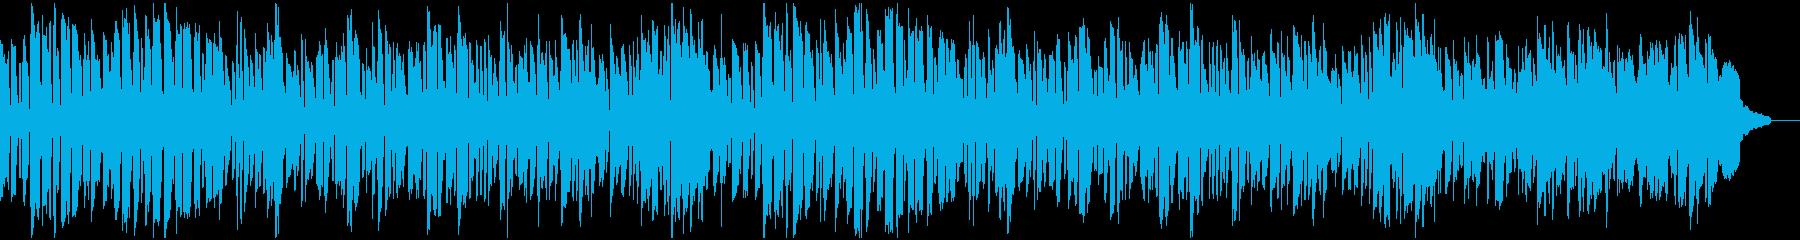 ほのぼのとした場面に合う劇伴/BGMの再生済みの波形